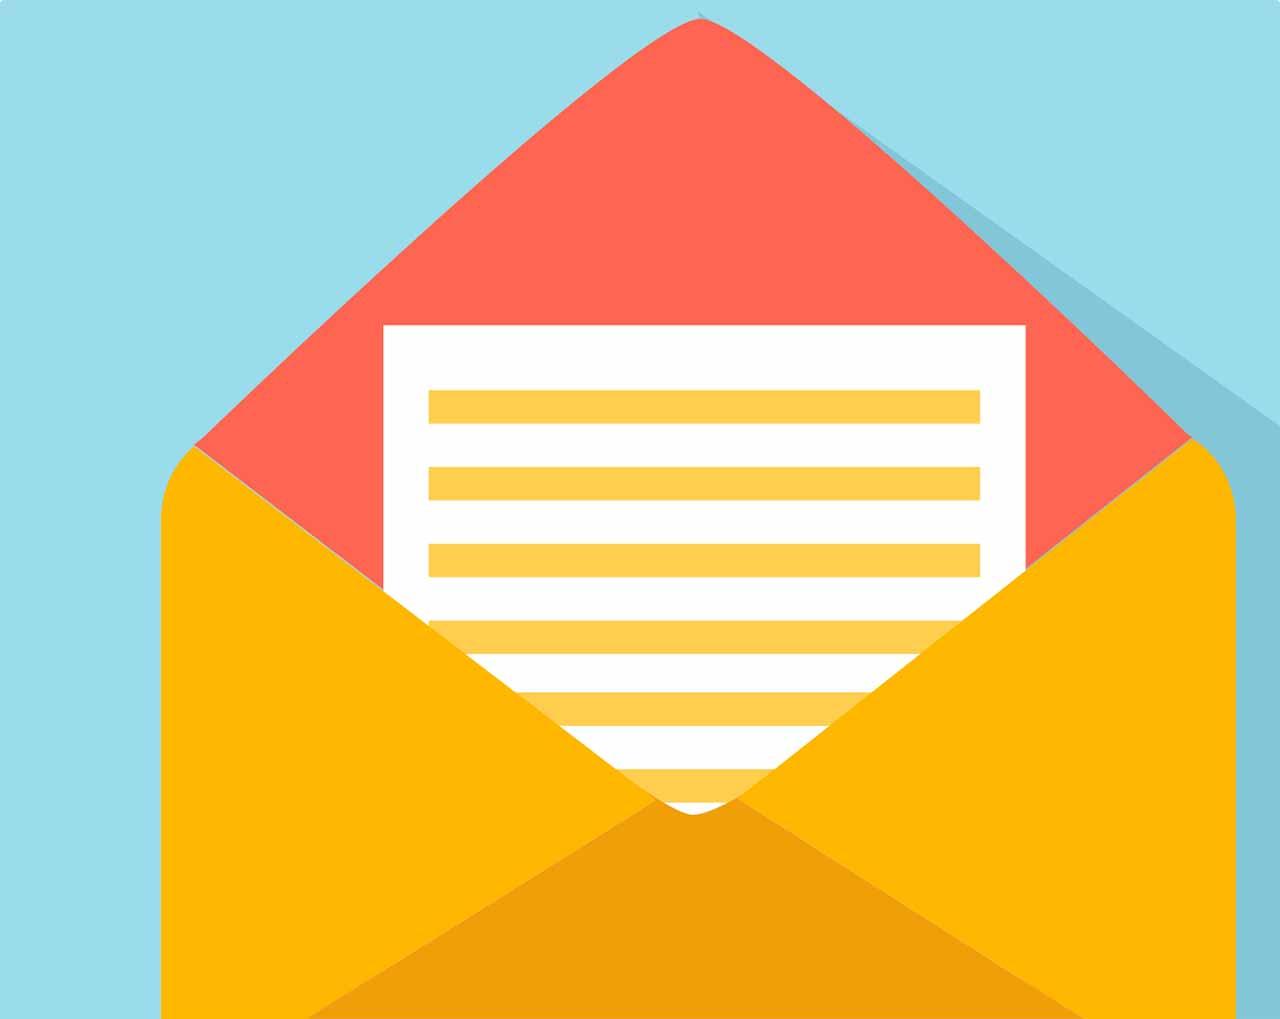 Une image symbolisant un courriel